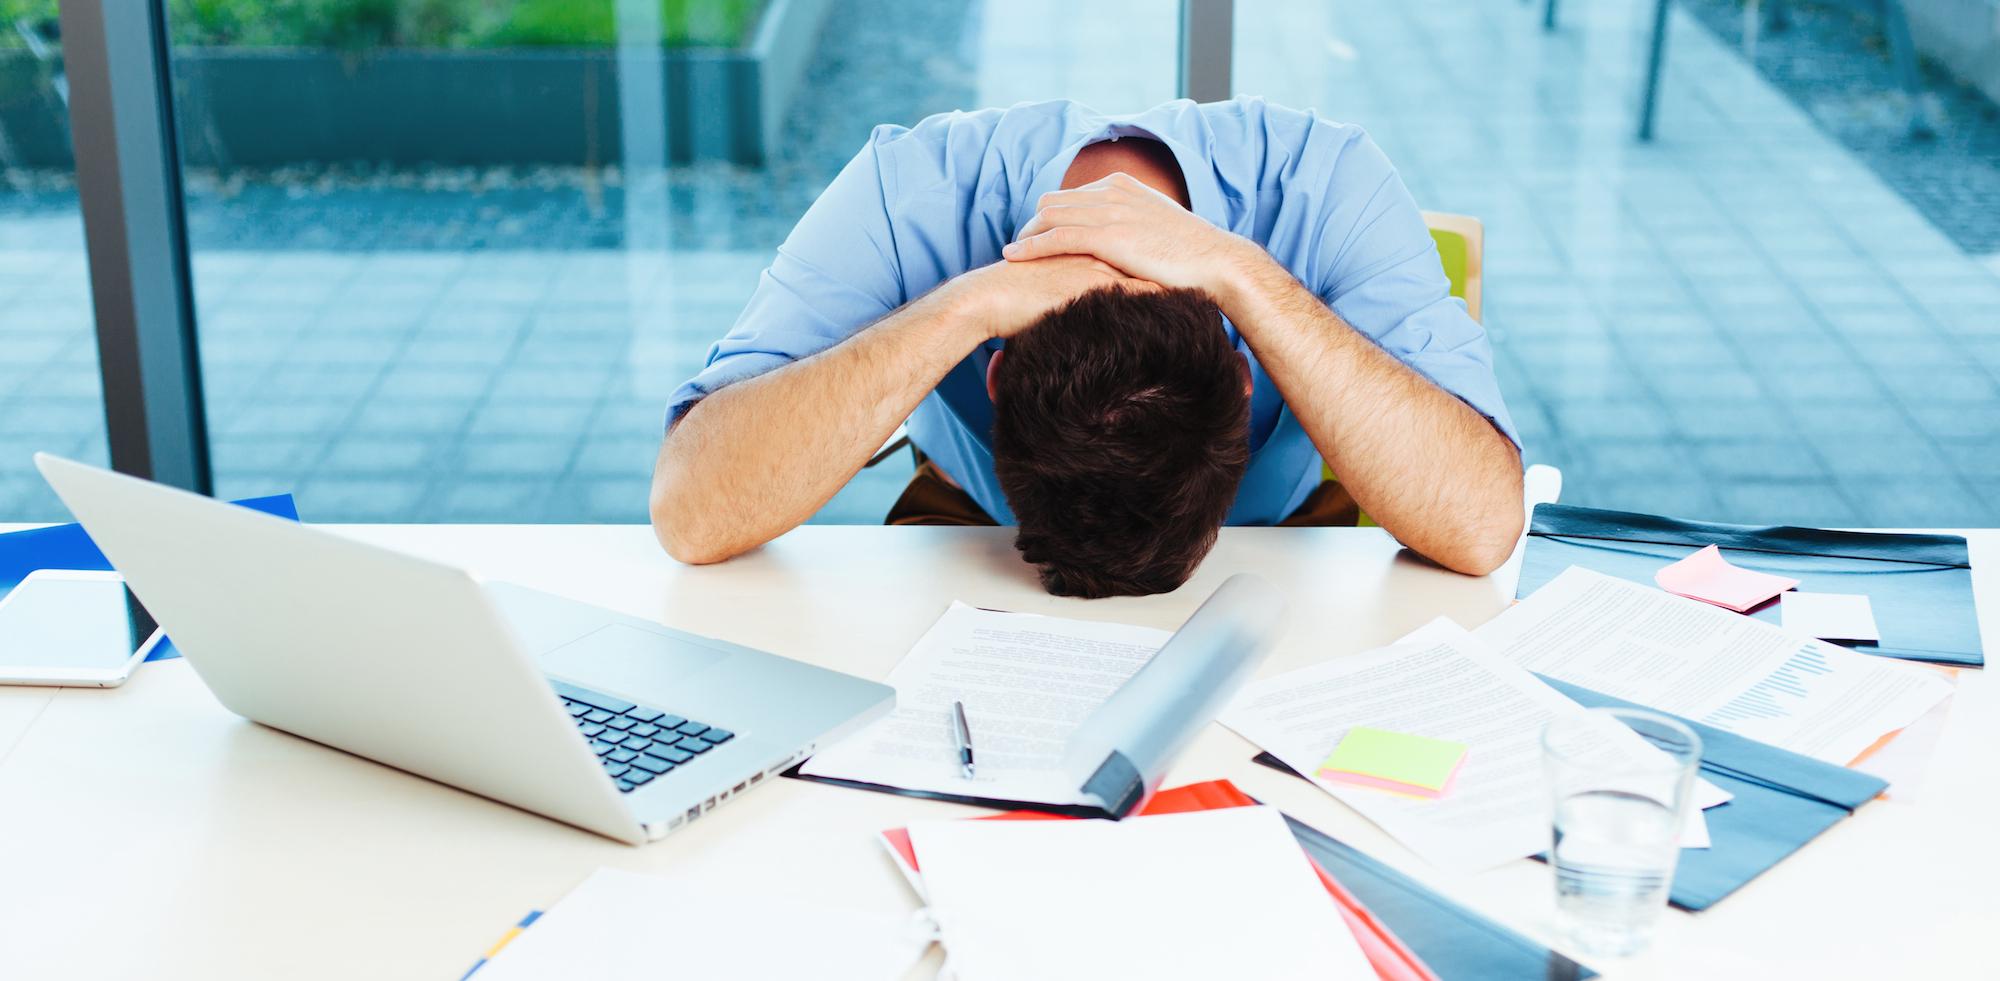 Психологи доказали, что ошибки полезны для жизни